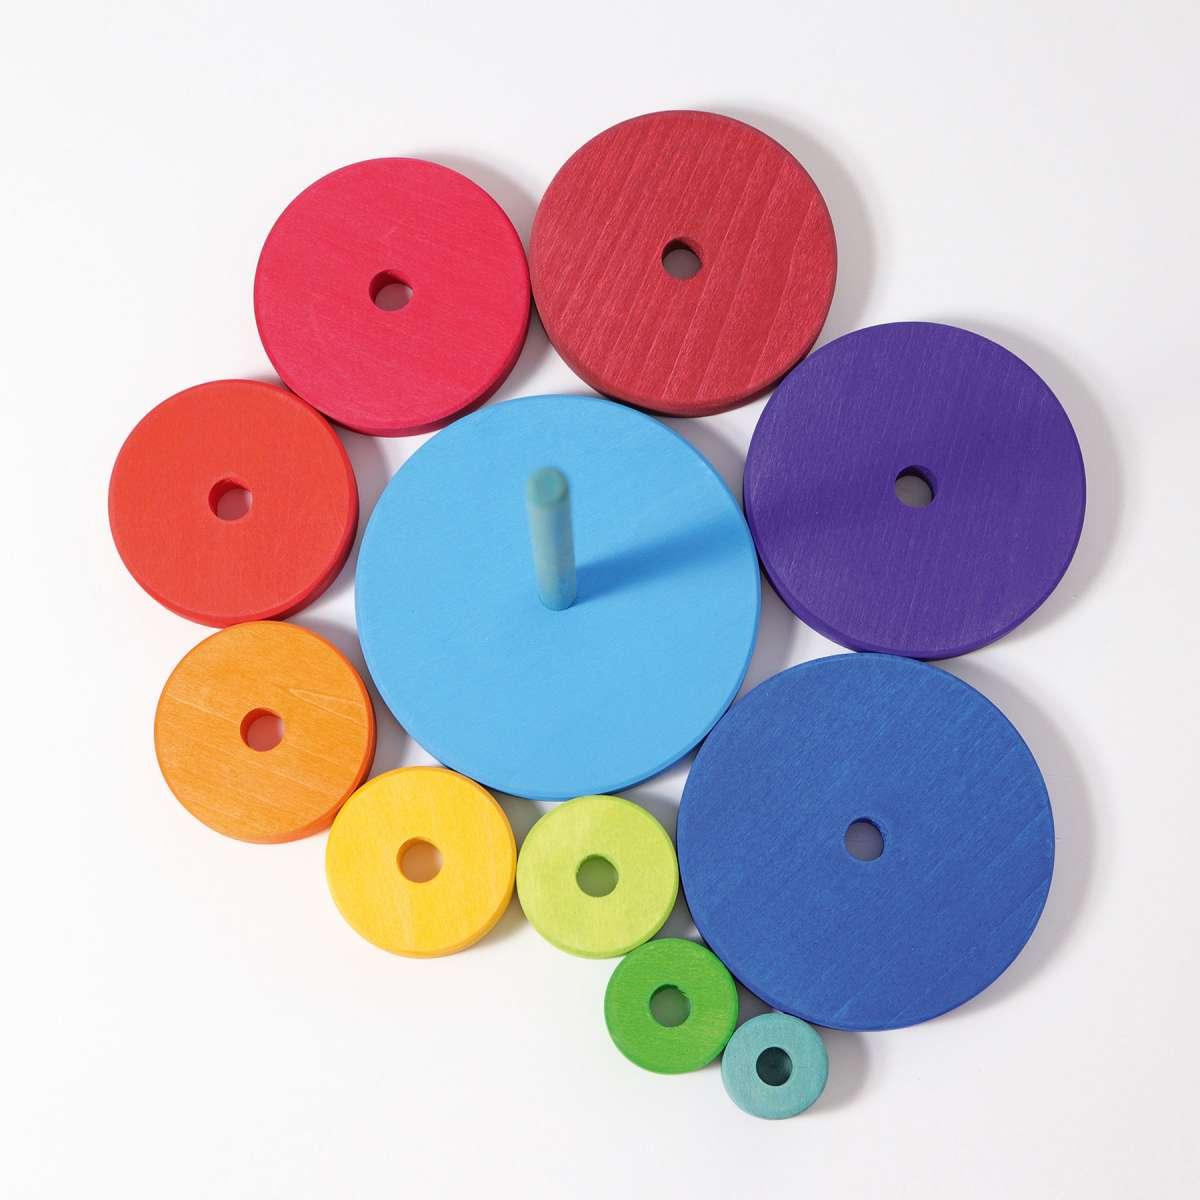 Grimms Scheibenturm, in den Farben des Regenbogens lasiert, 11 Teile, Buchenholz, ab 1 Jahr